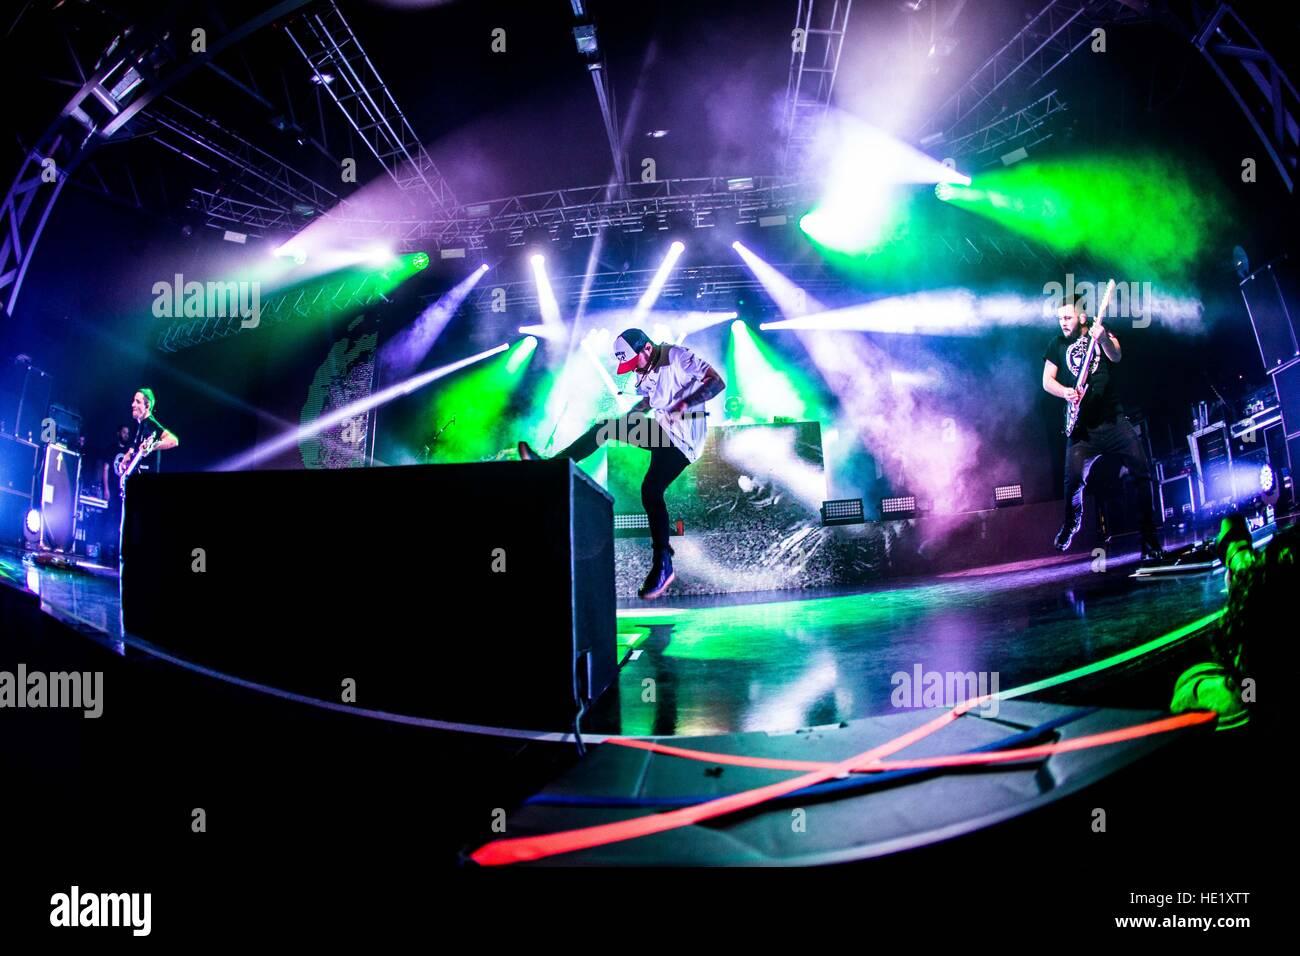 Milano, Italy. 15th Dec, 2016. Italian rapper Salmo performs live at Fabrique. © Mairo Cinquetti/Pacific Press/Alamy Stock Photo